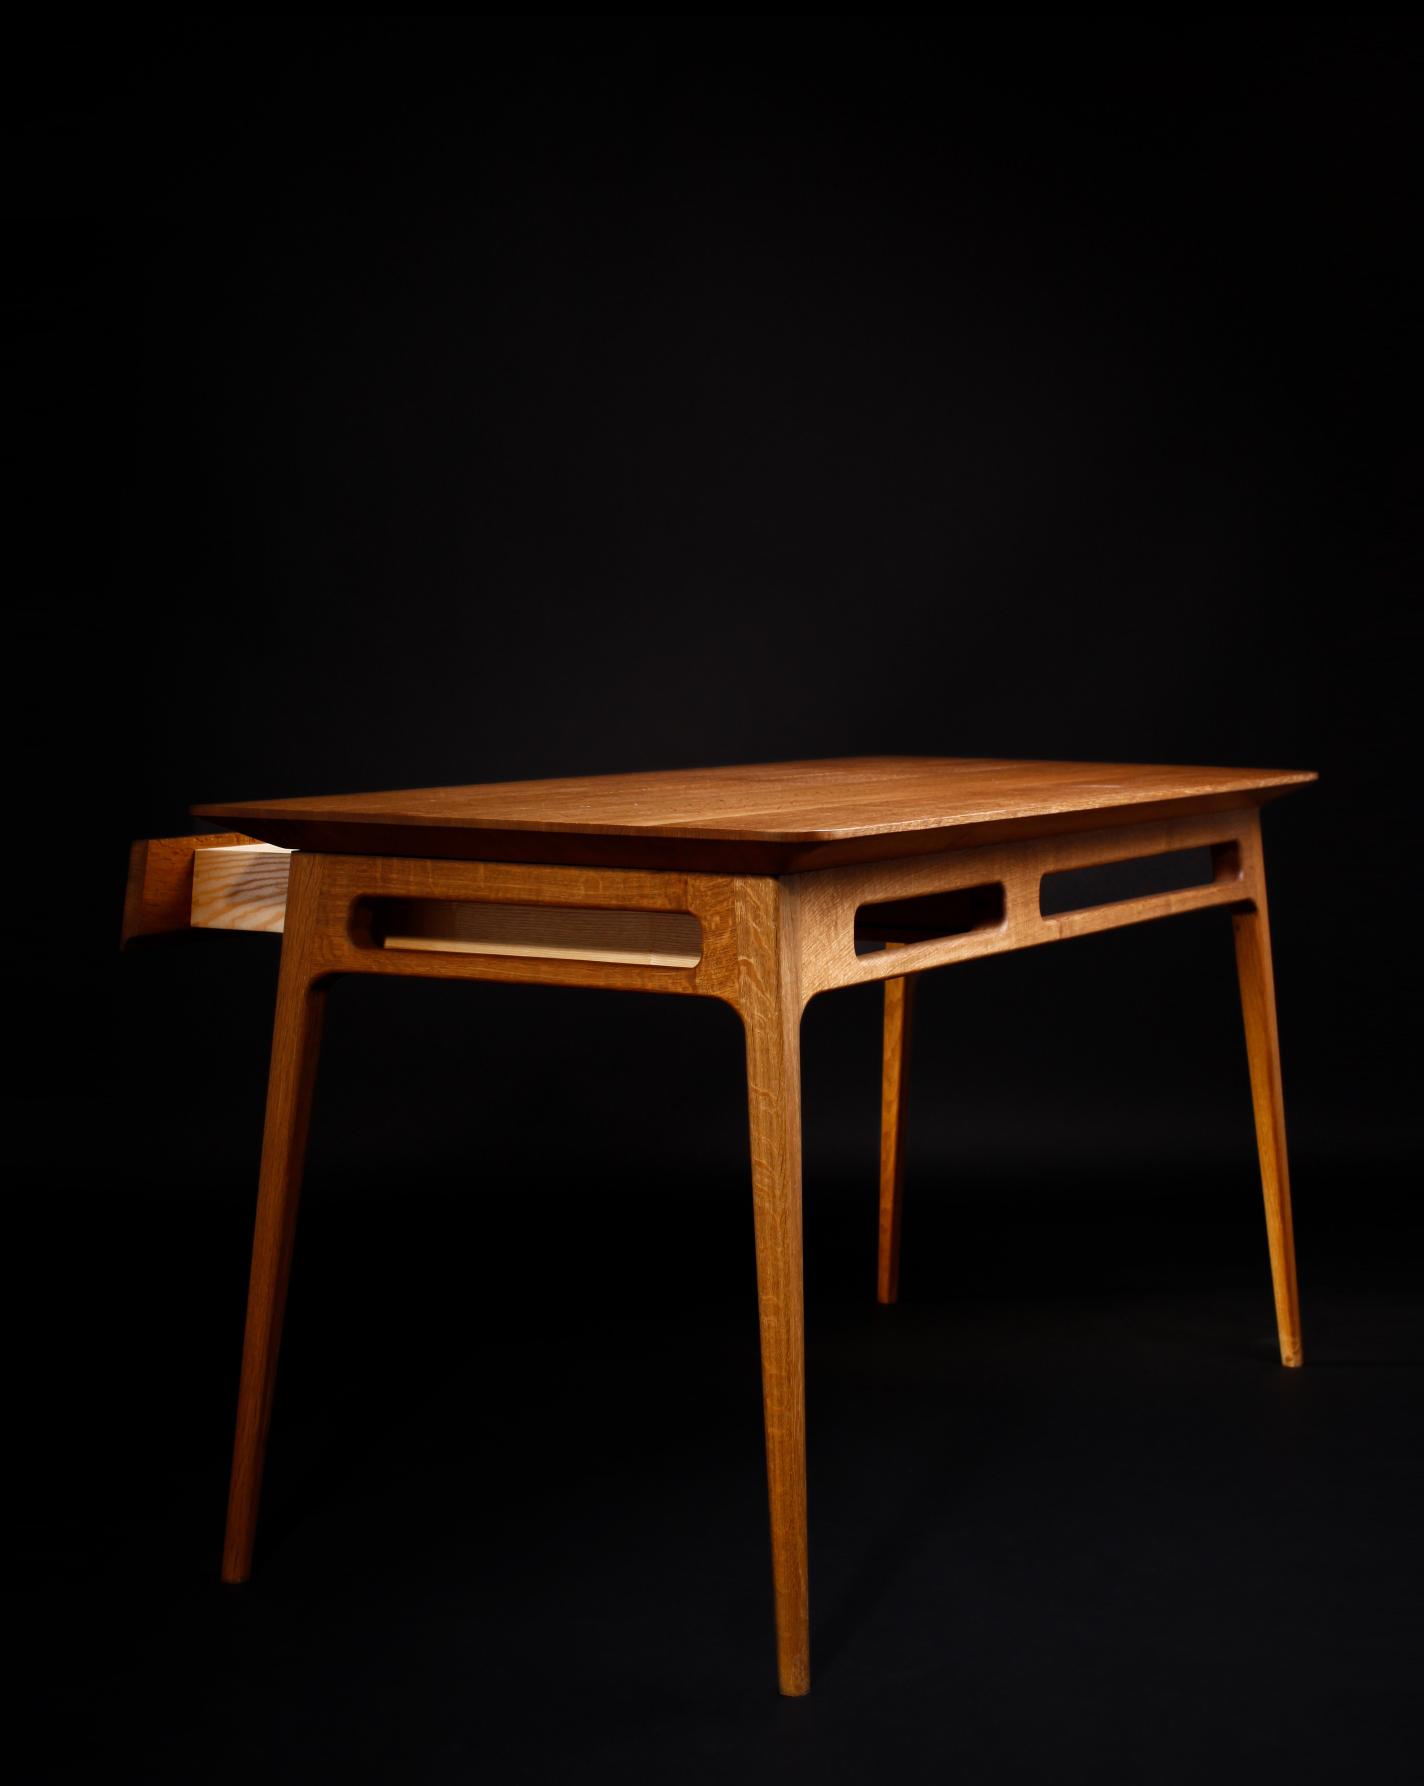 Fumed oak desk by Alice Blogg